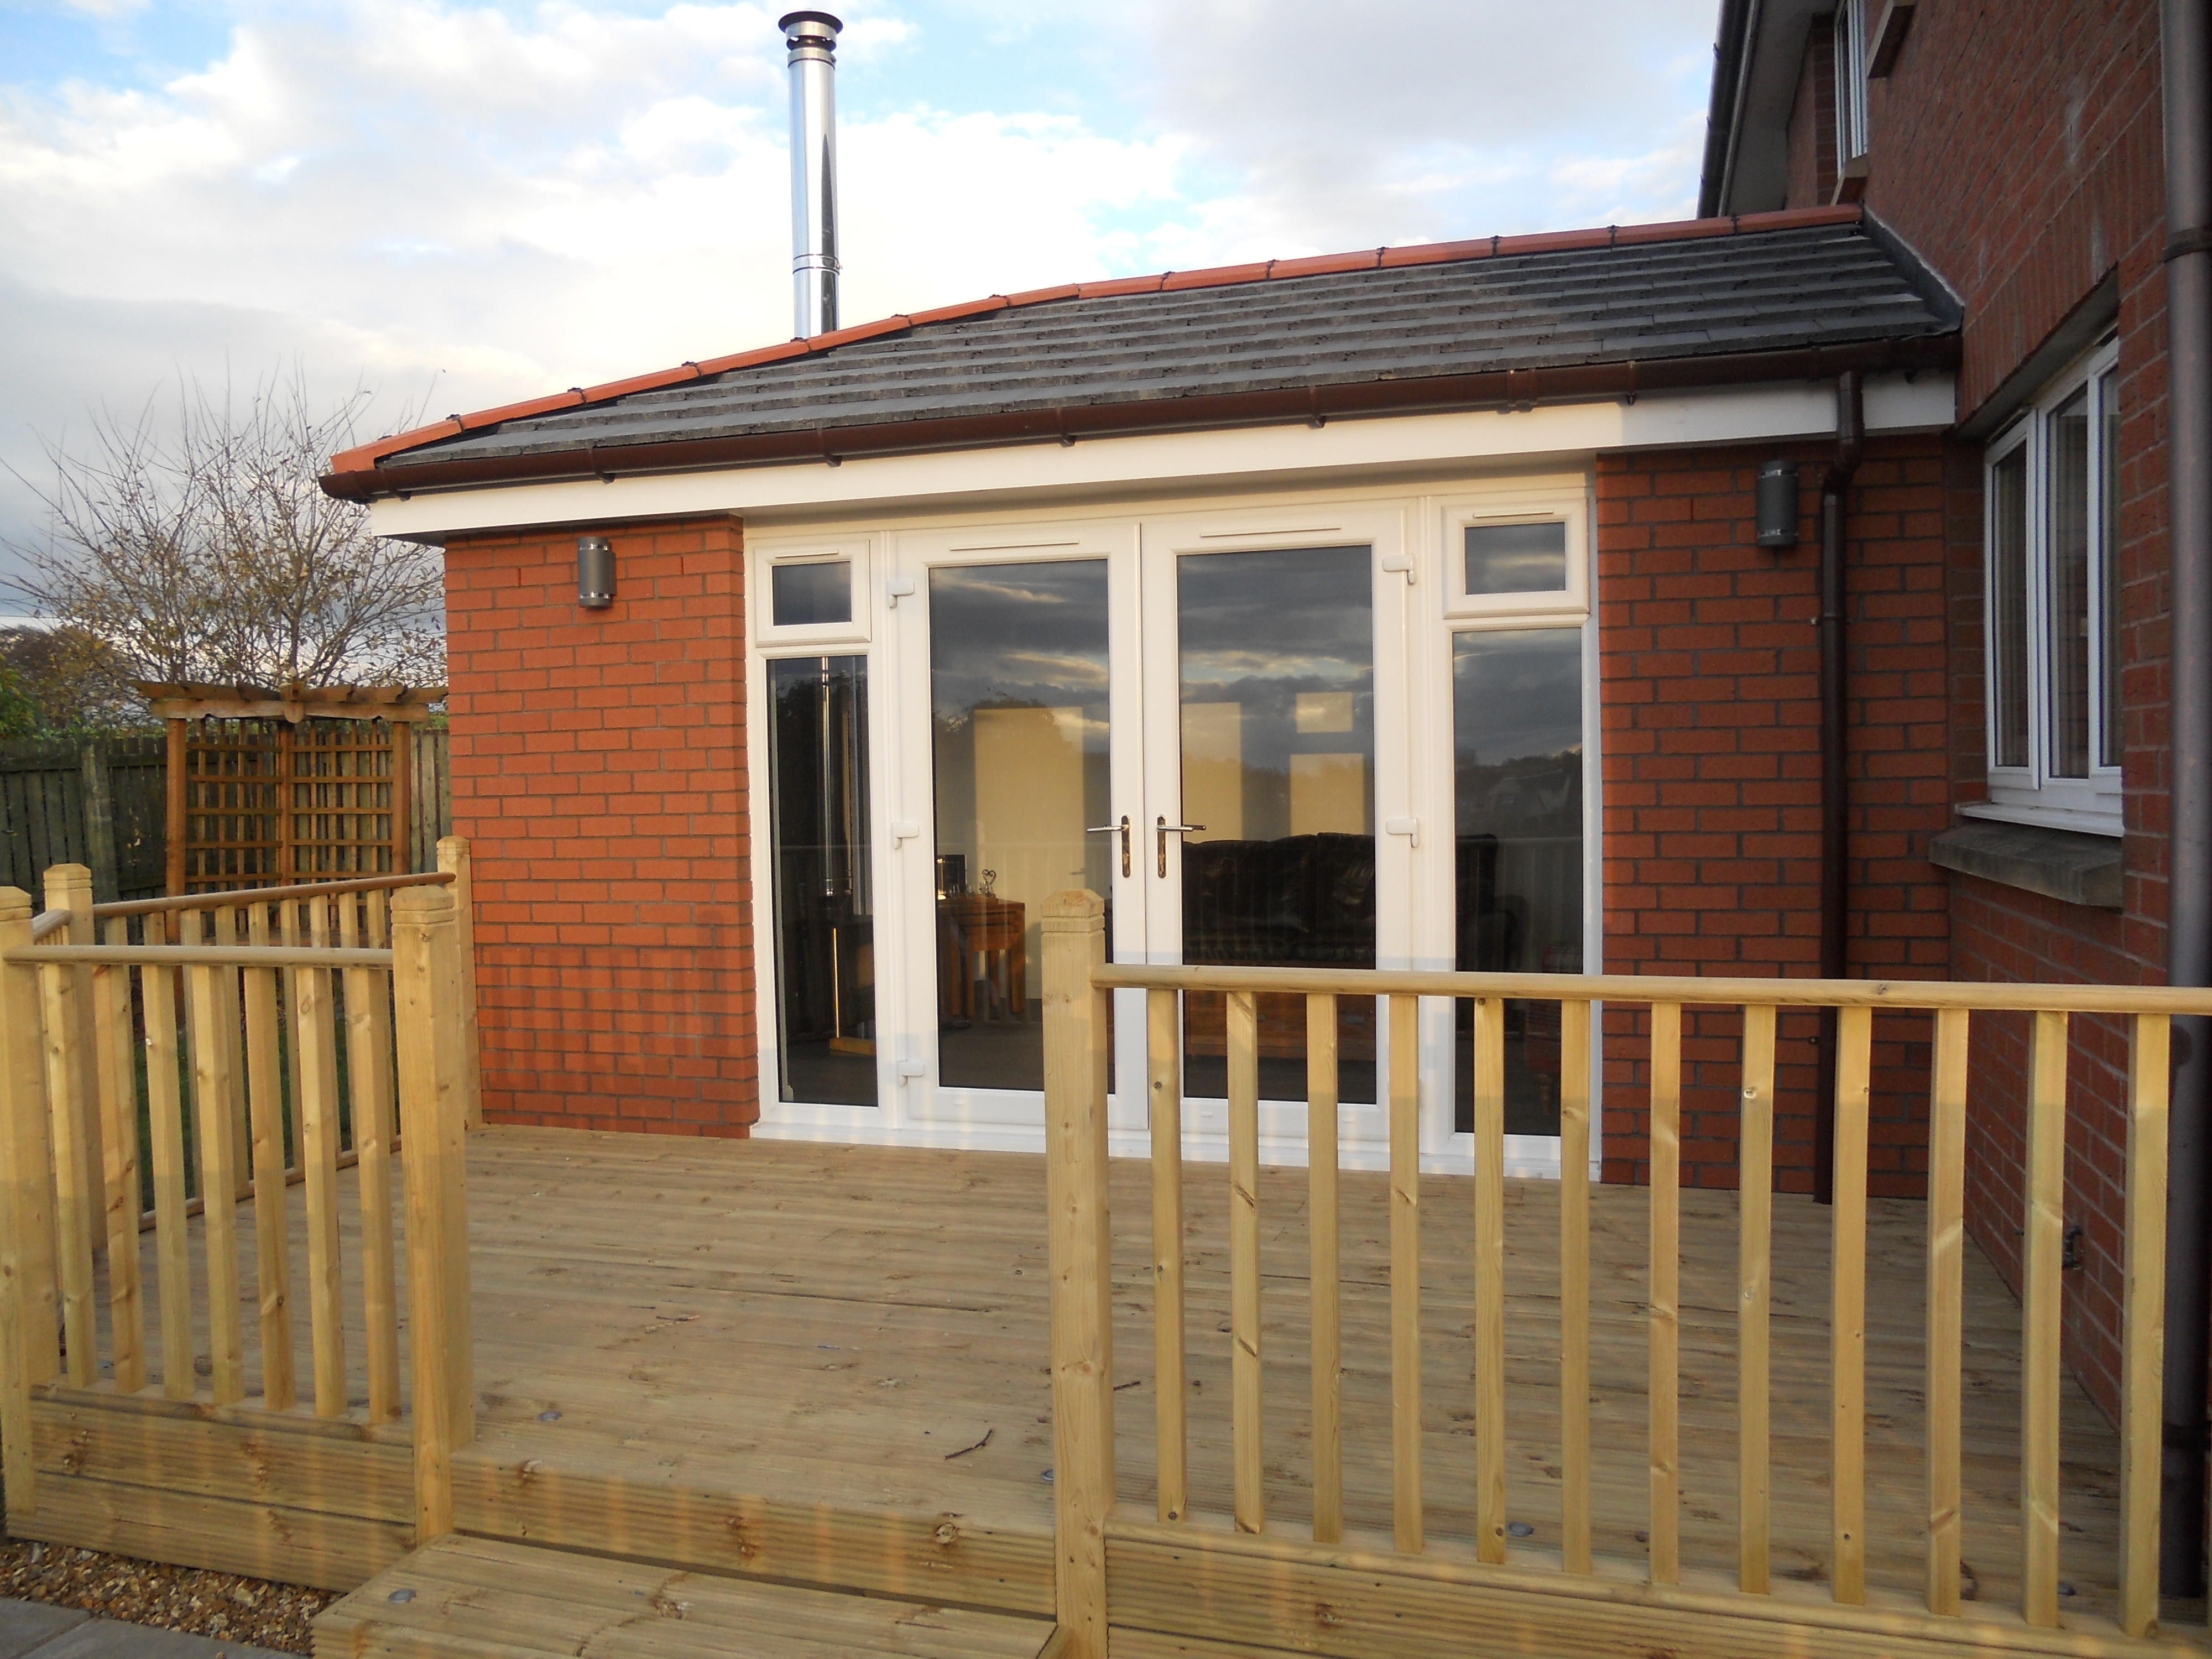 B Lindsay Joinery & Builders Ltd - Based in Dunfermline ...